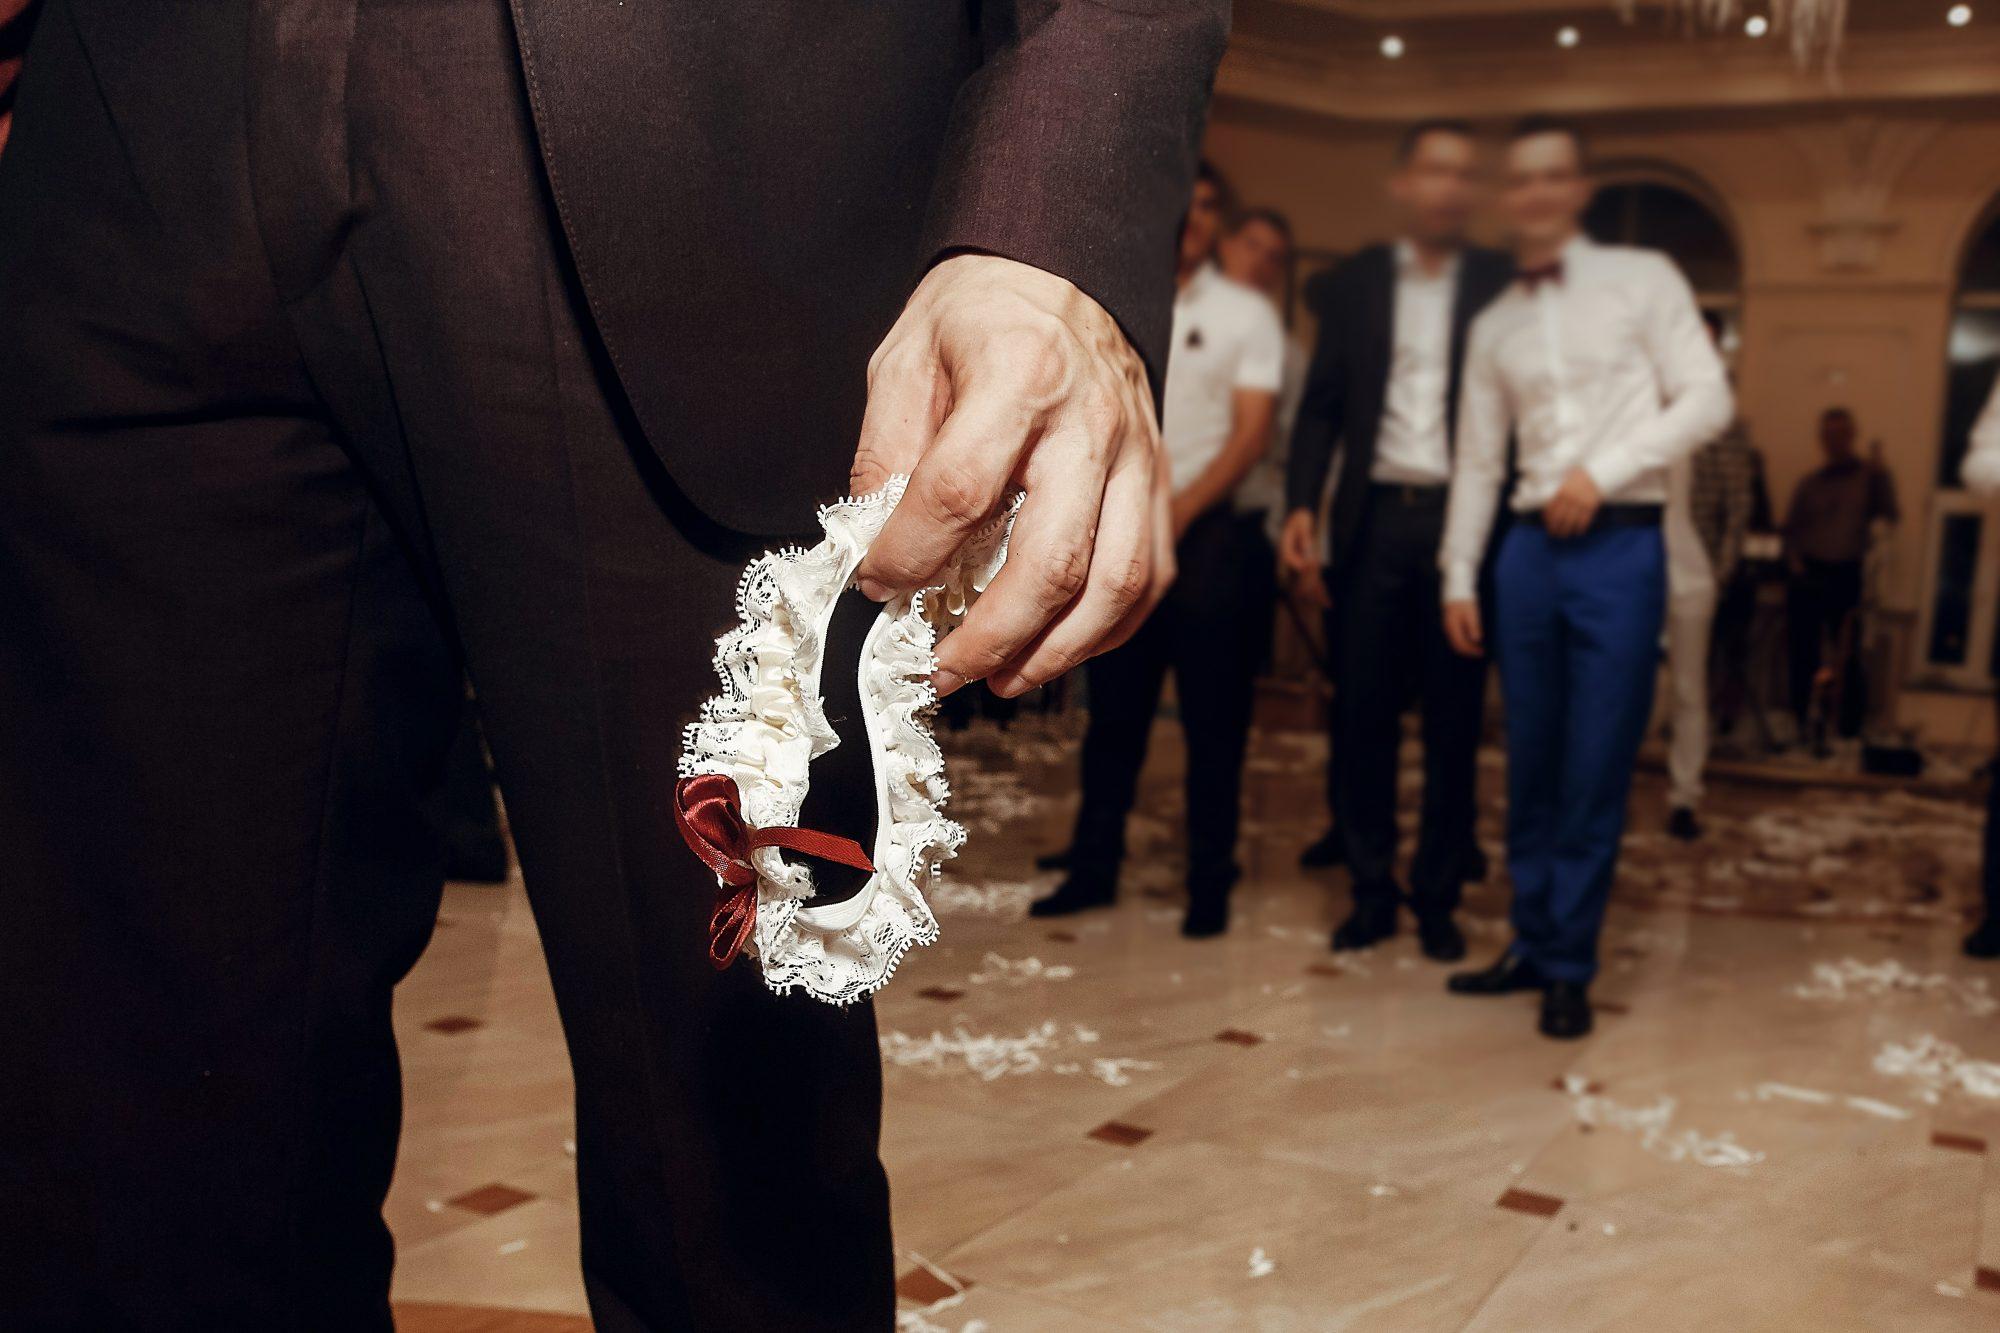 groom holds bride's wedding garter for toss